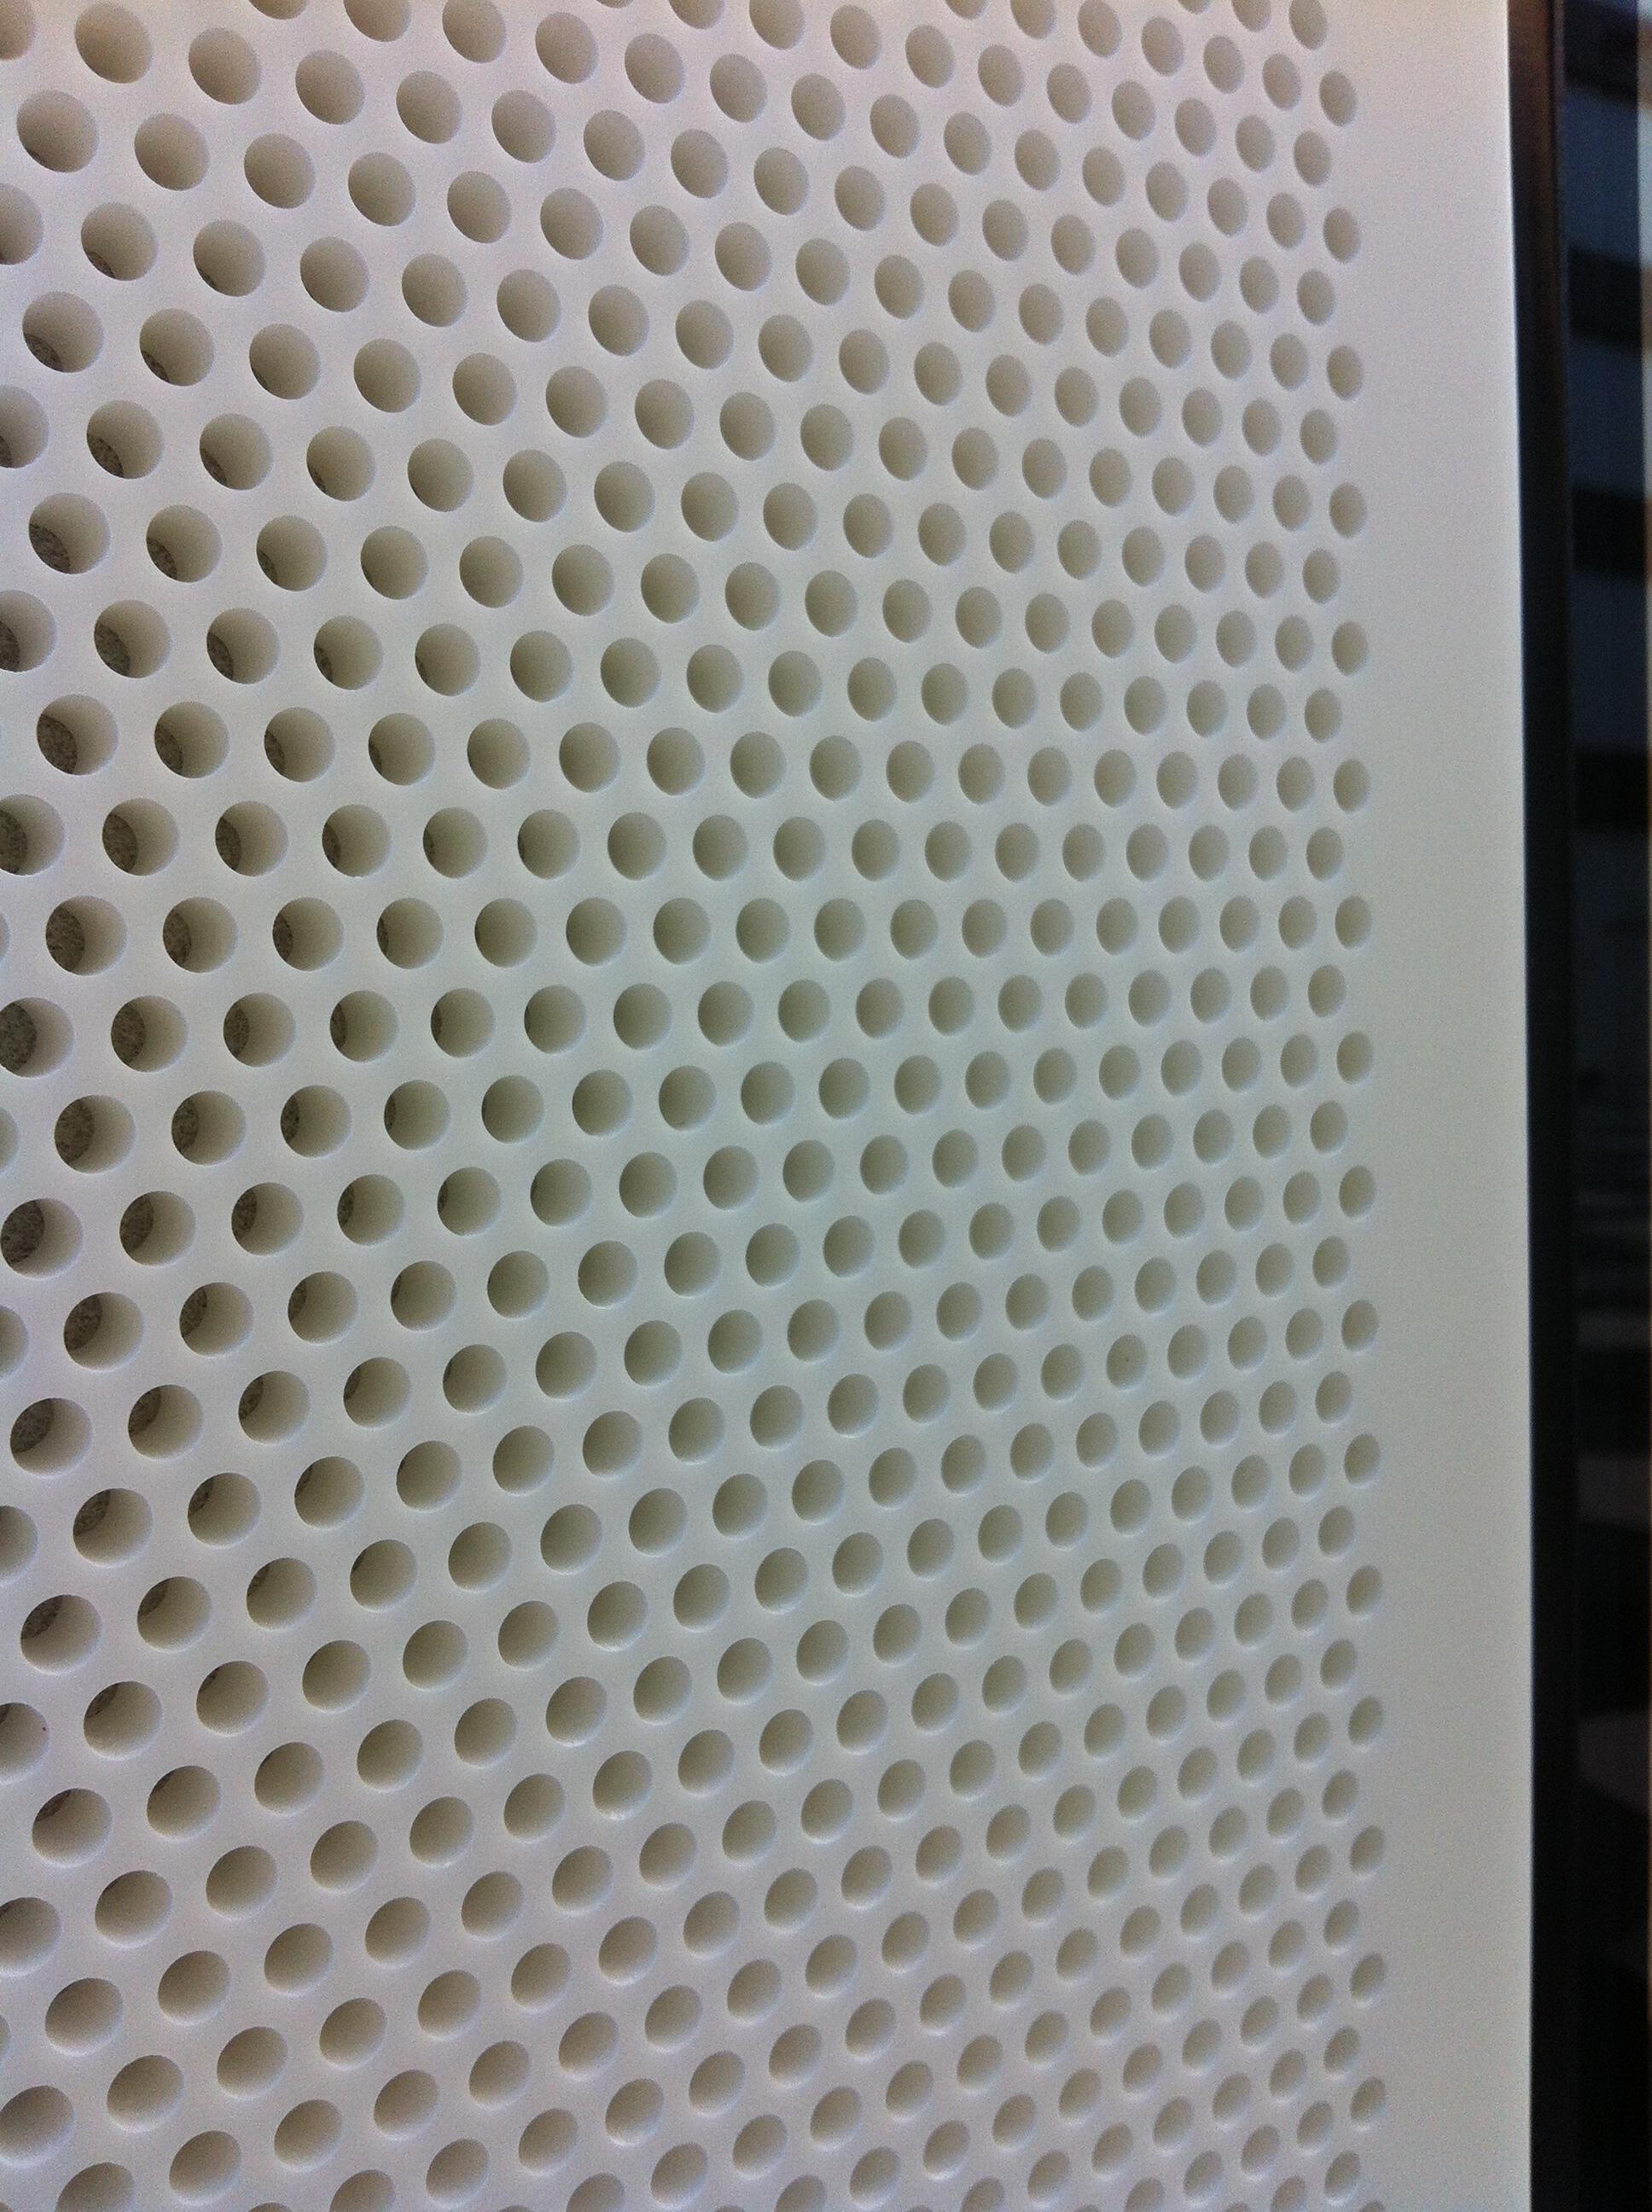 Akustik paneler udført i Dupont Corian. Farve: Glacier Ice.